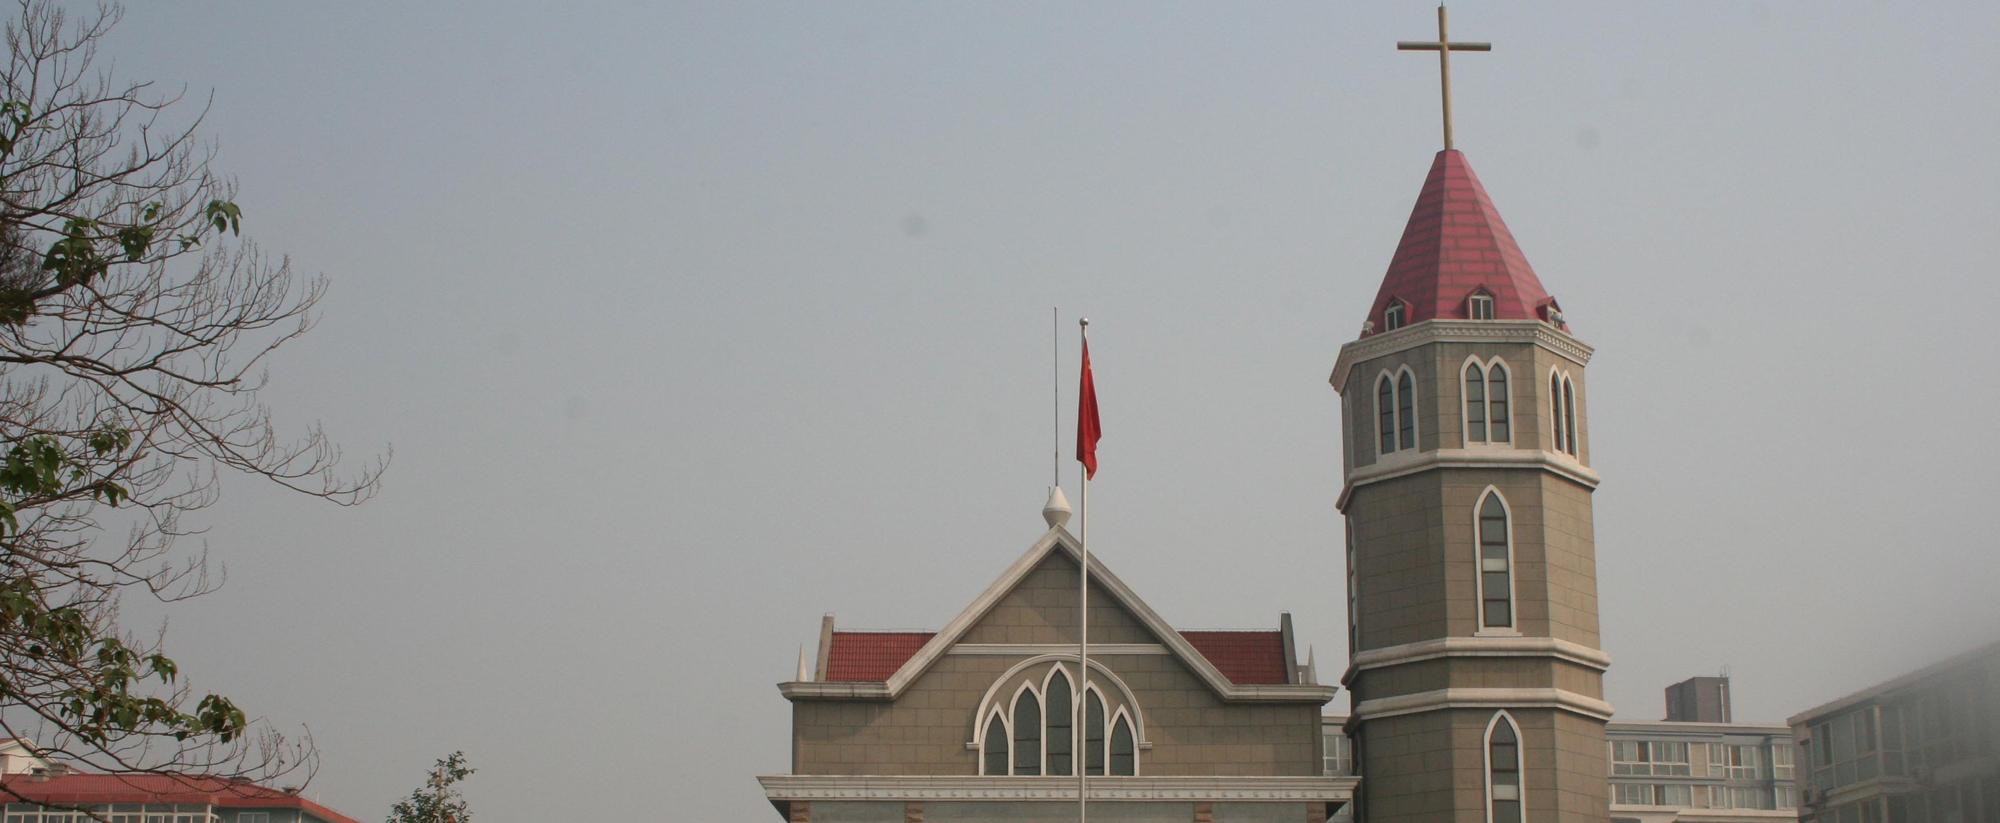 燕京神学院